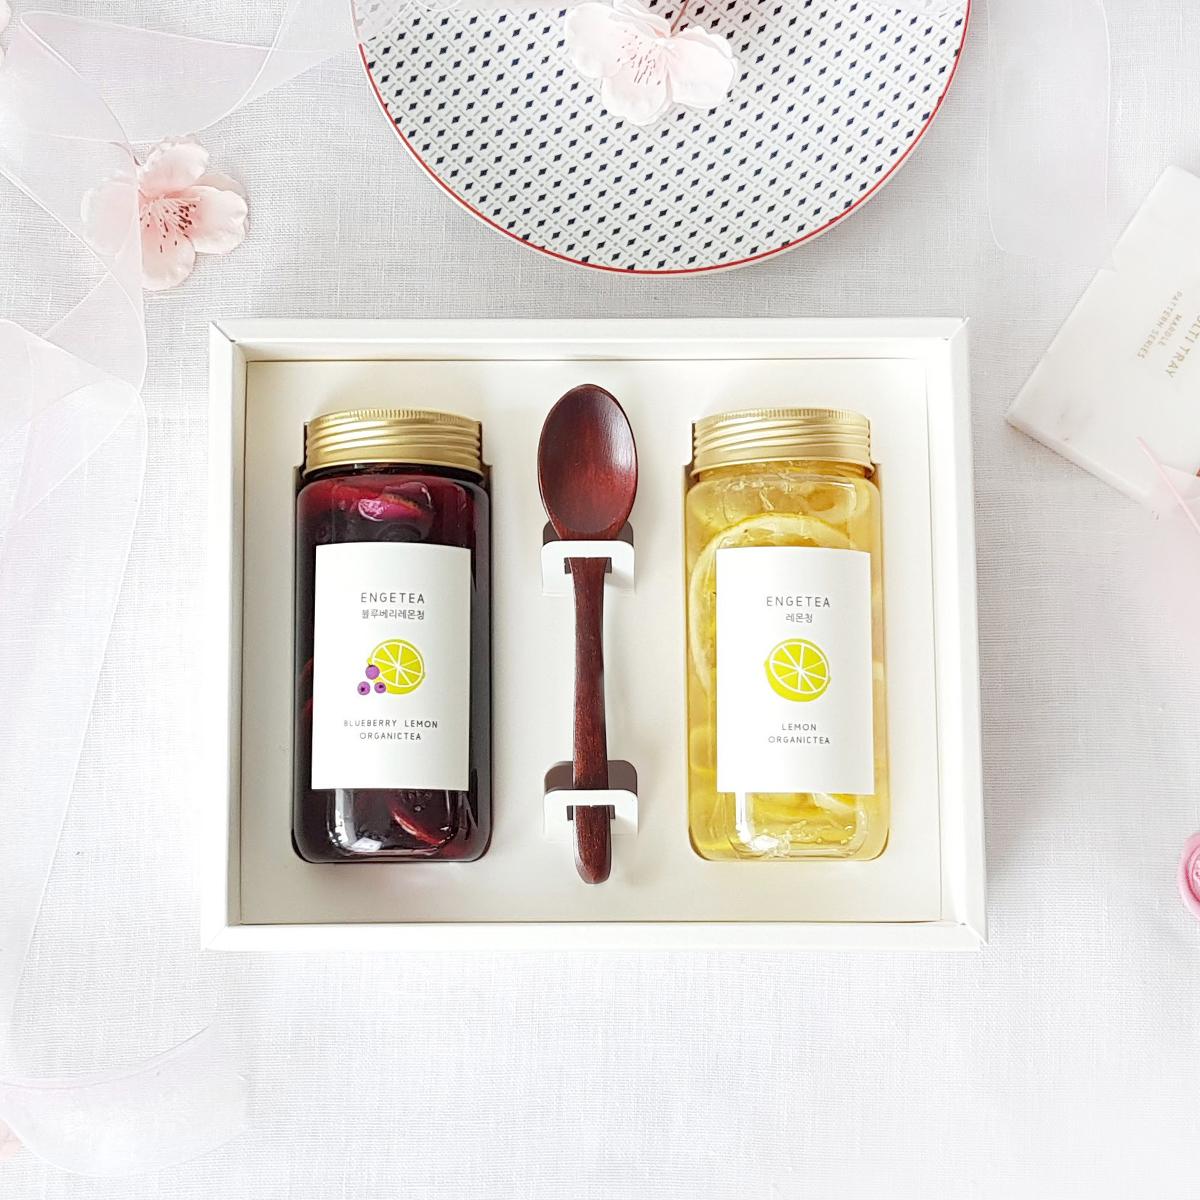 엔게티 수제청 선물세트 (레몬청 x 블루베리레몬청) 수제 과일청, 1set, 300ml